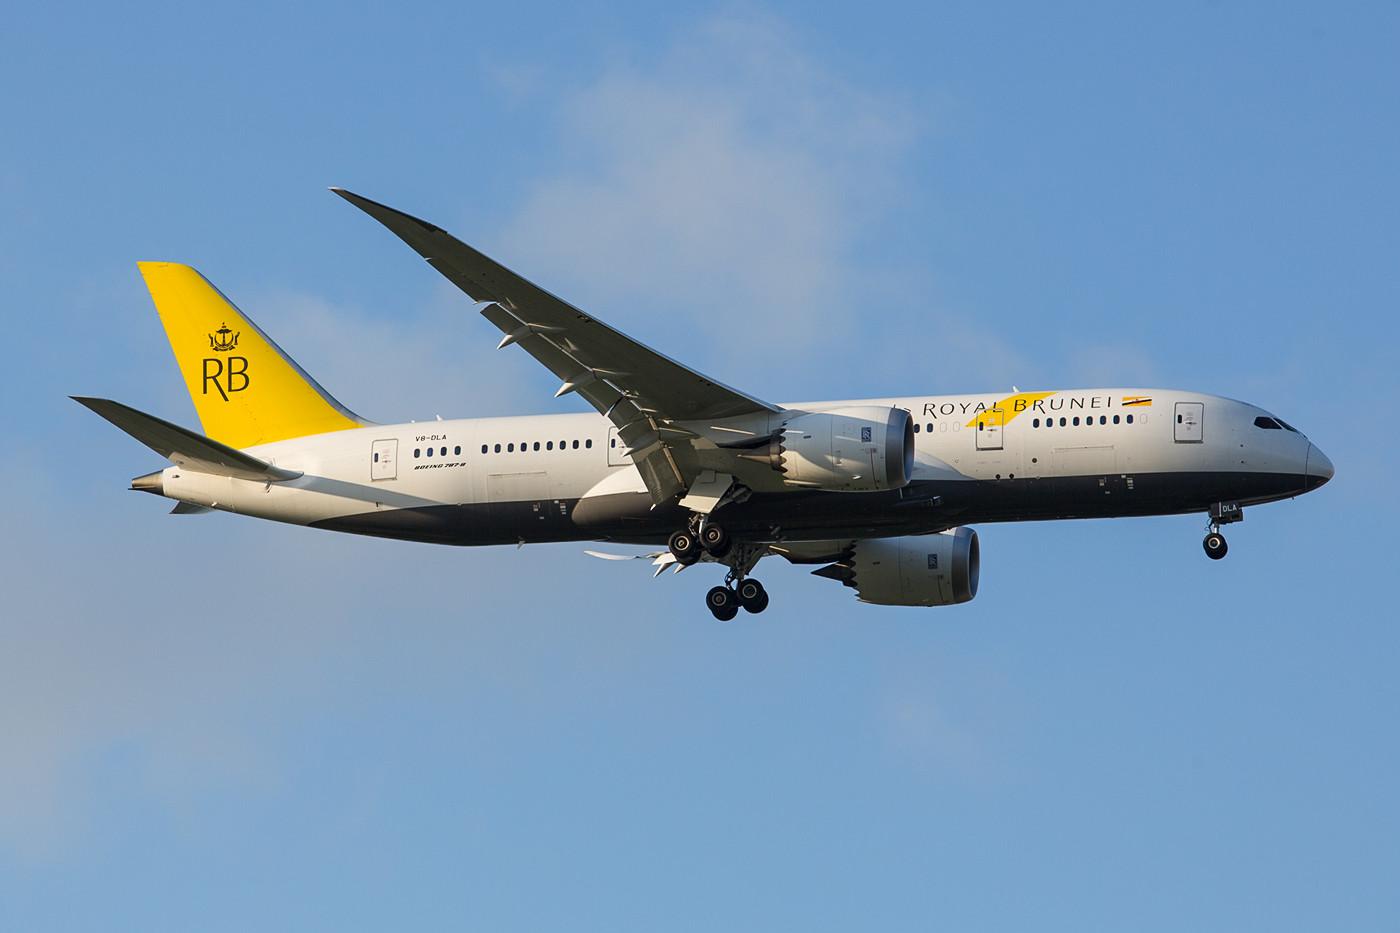 Auch die Royal Brunei betreibt vier 787-8.